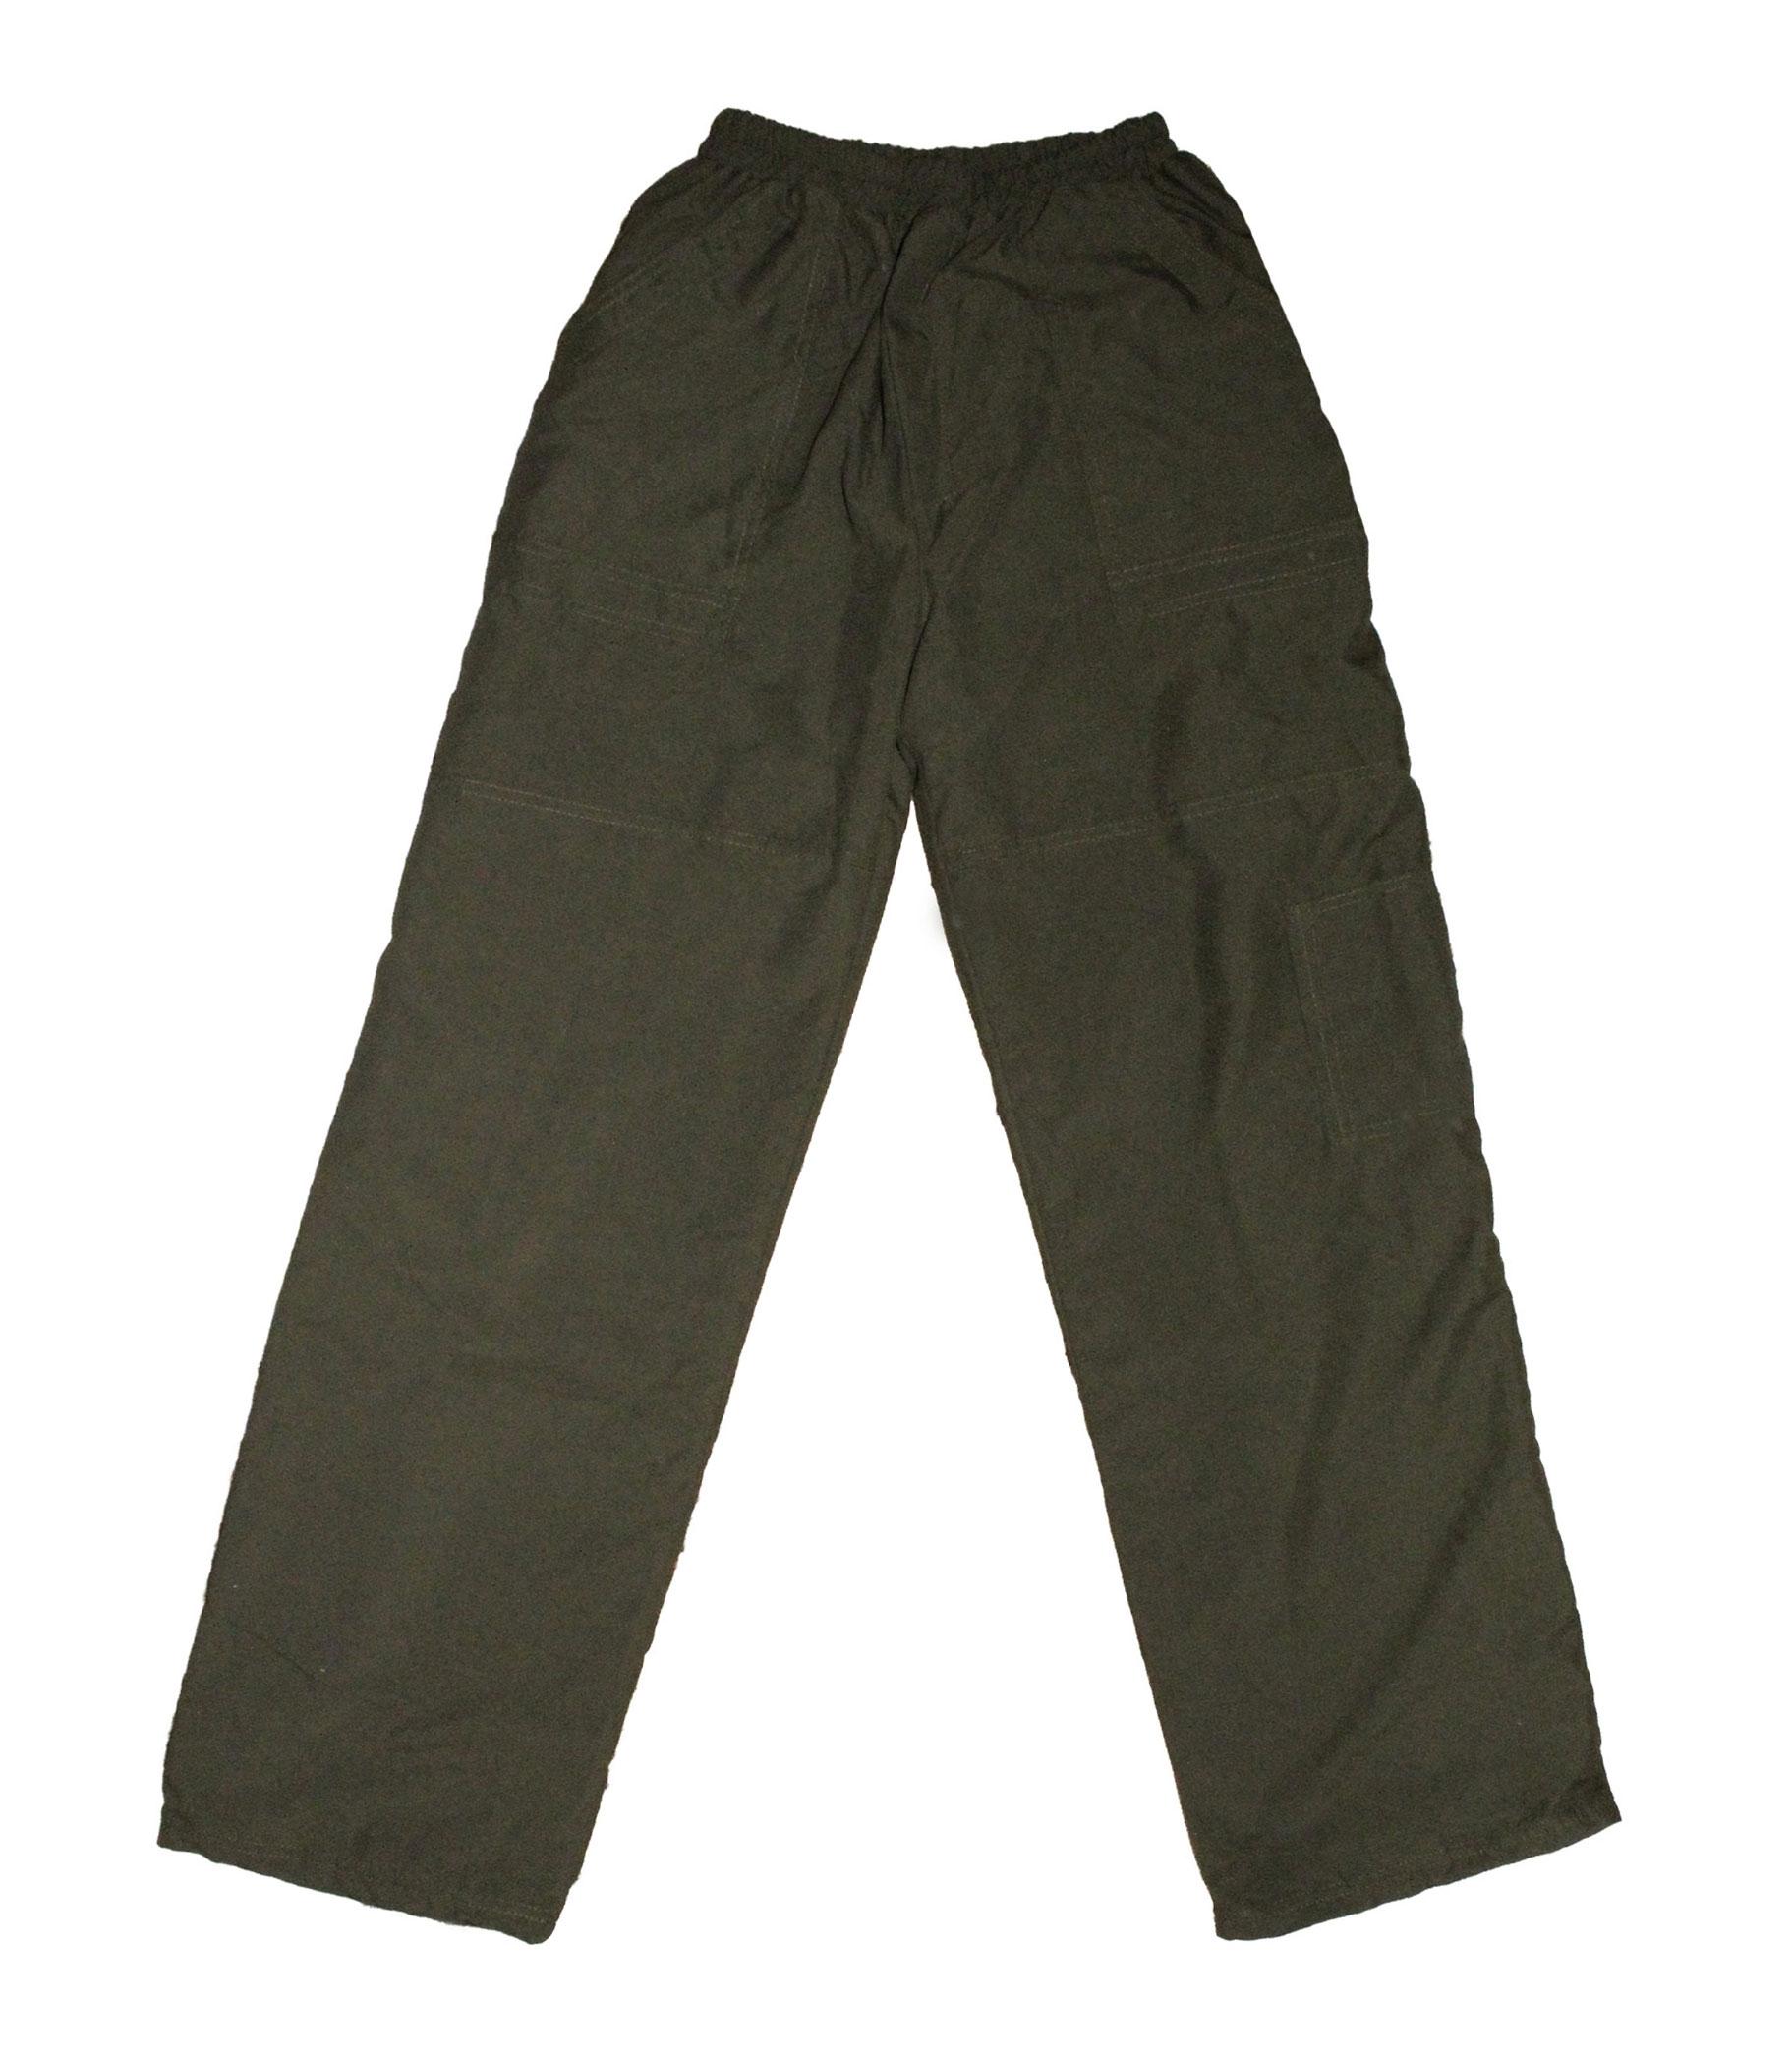 3f73412e9a Killy - Keki szürke színű, belül pamuttal bélelt nadrág 158-as